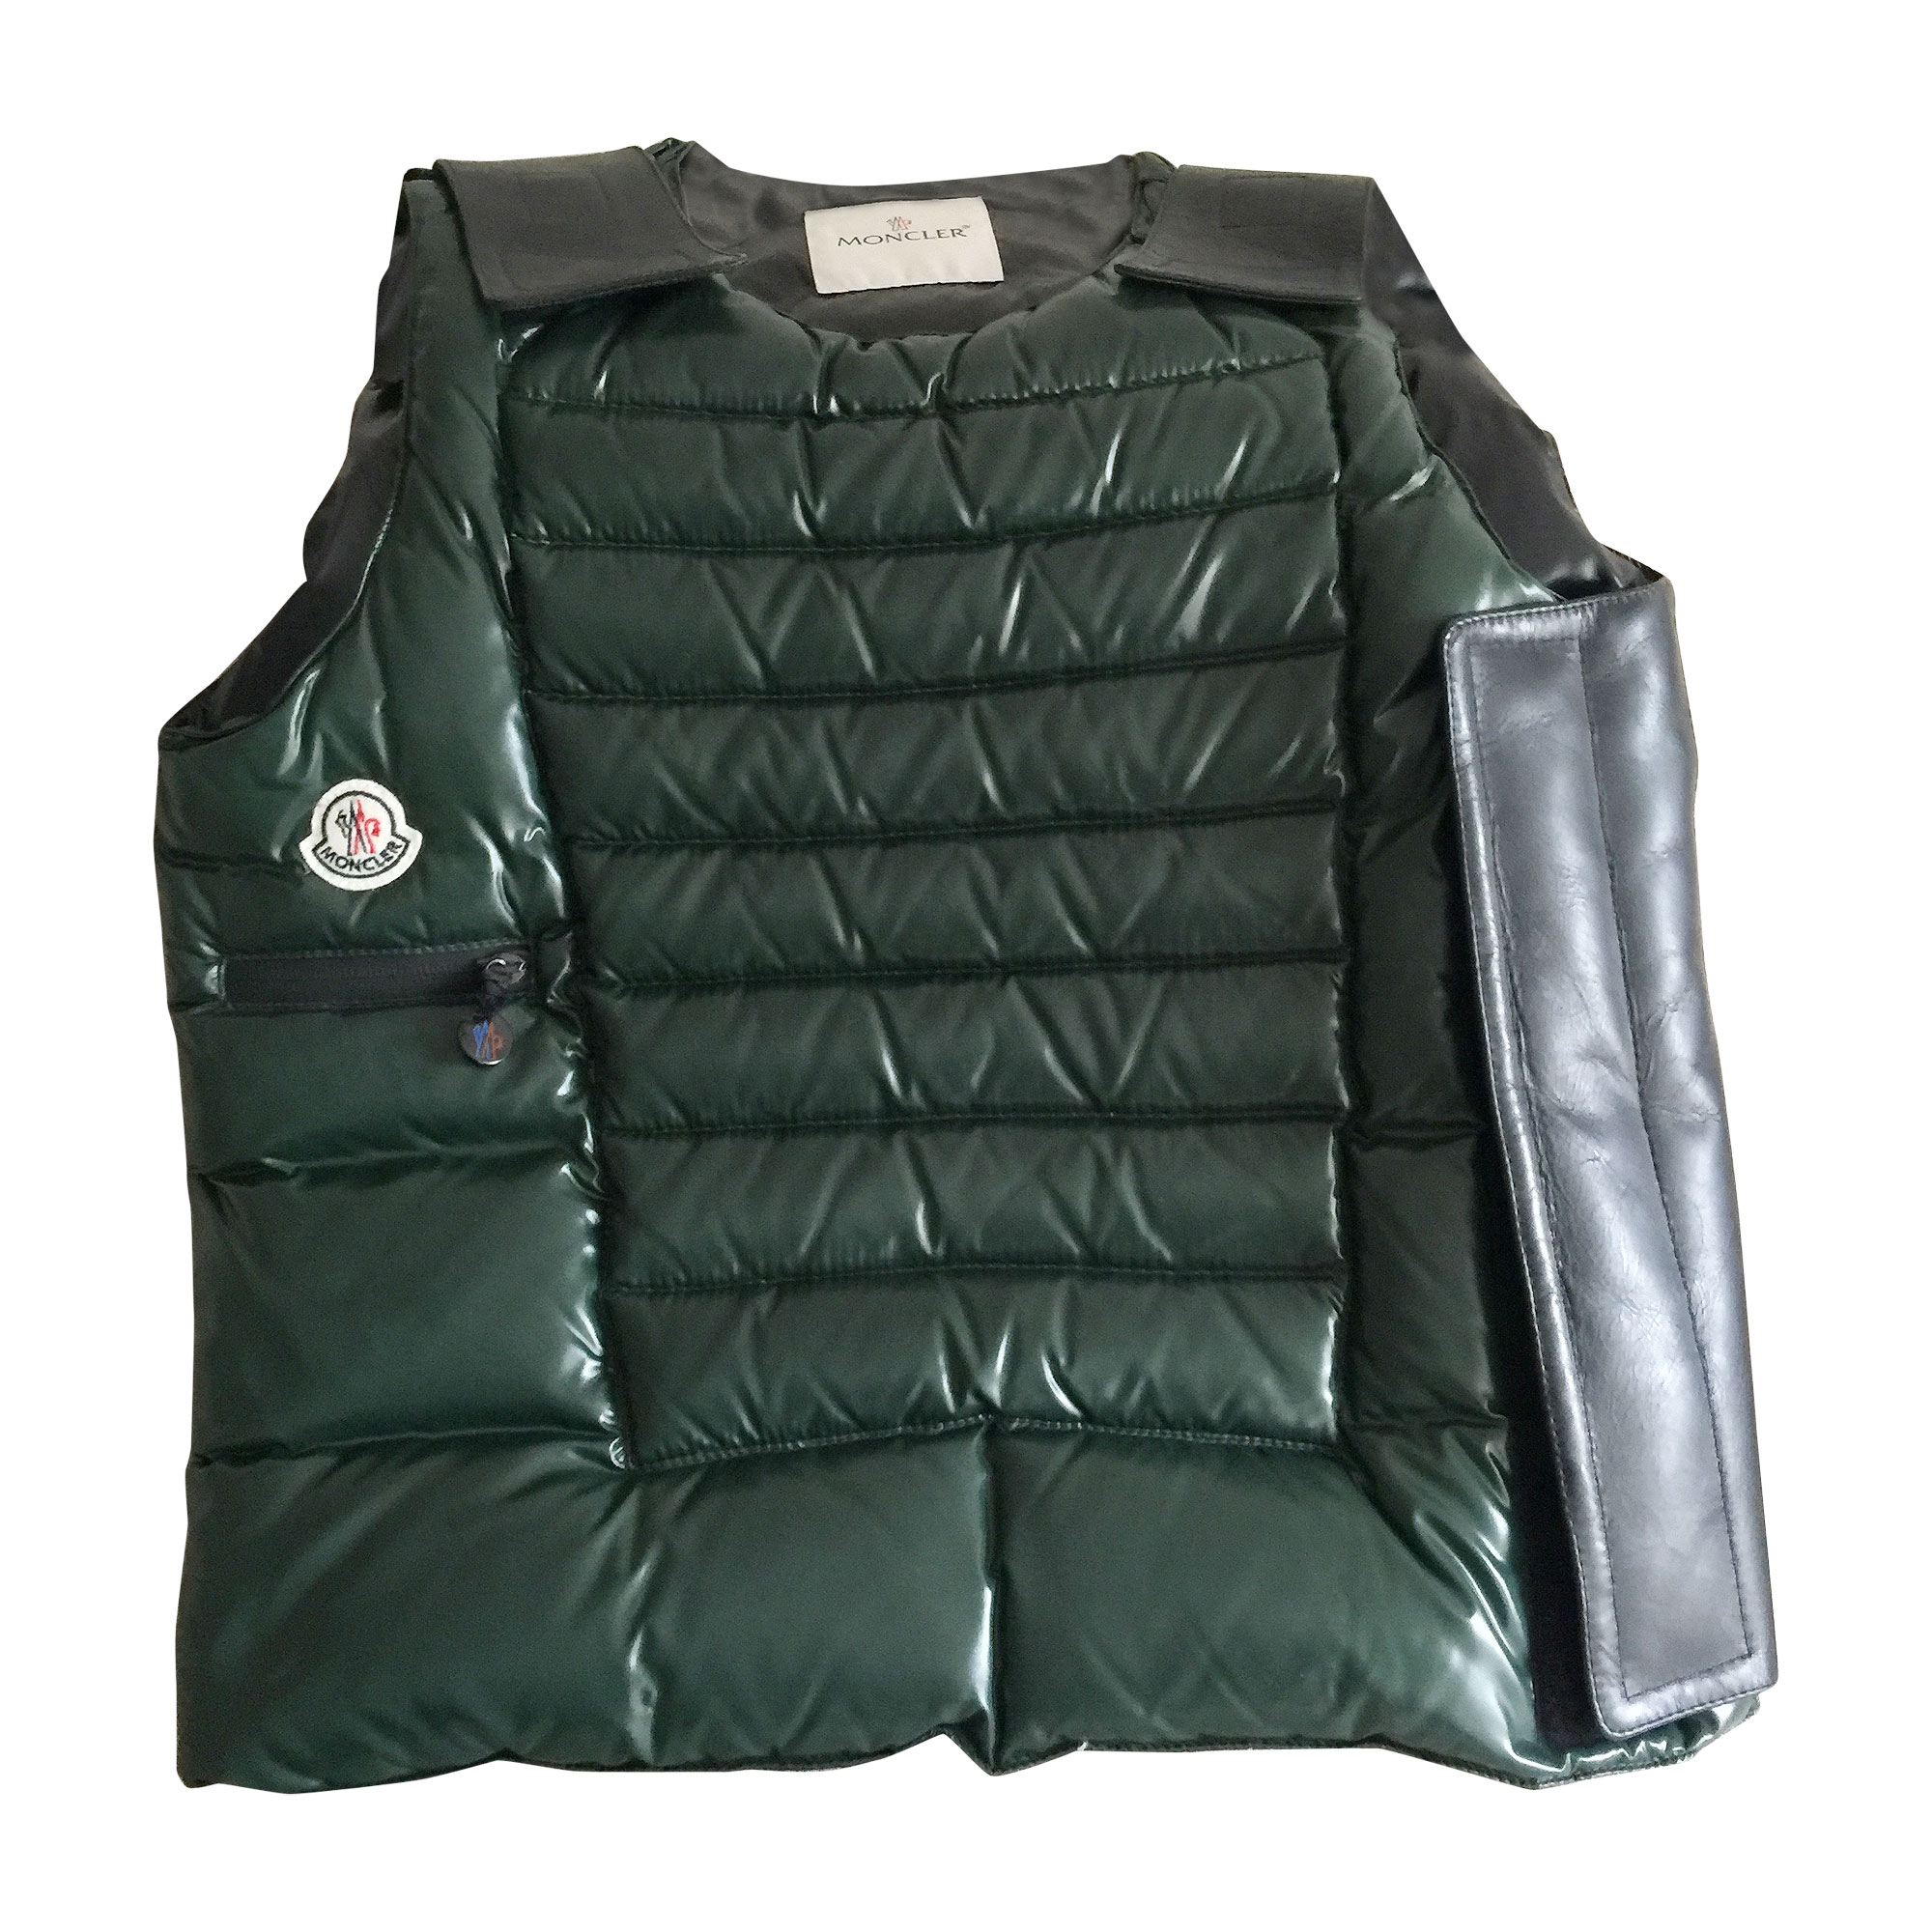 Doudoune MONCLER 46 (S) vert bouteille vendu par Gilbert 110 - 4882913 46aee4cbd72